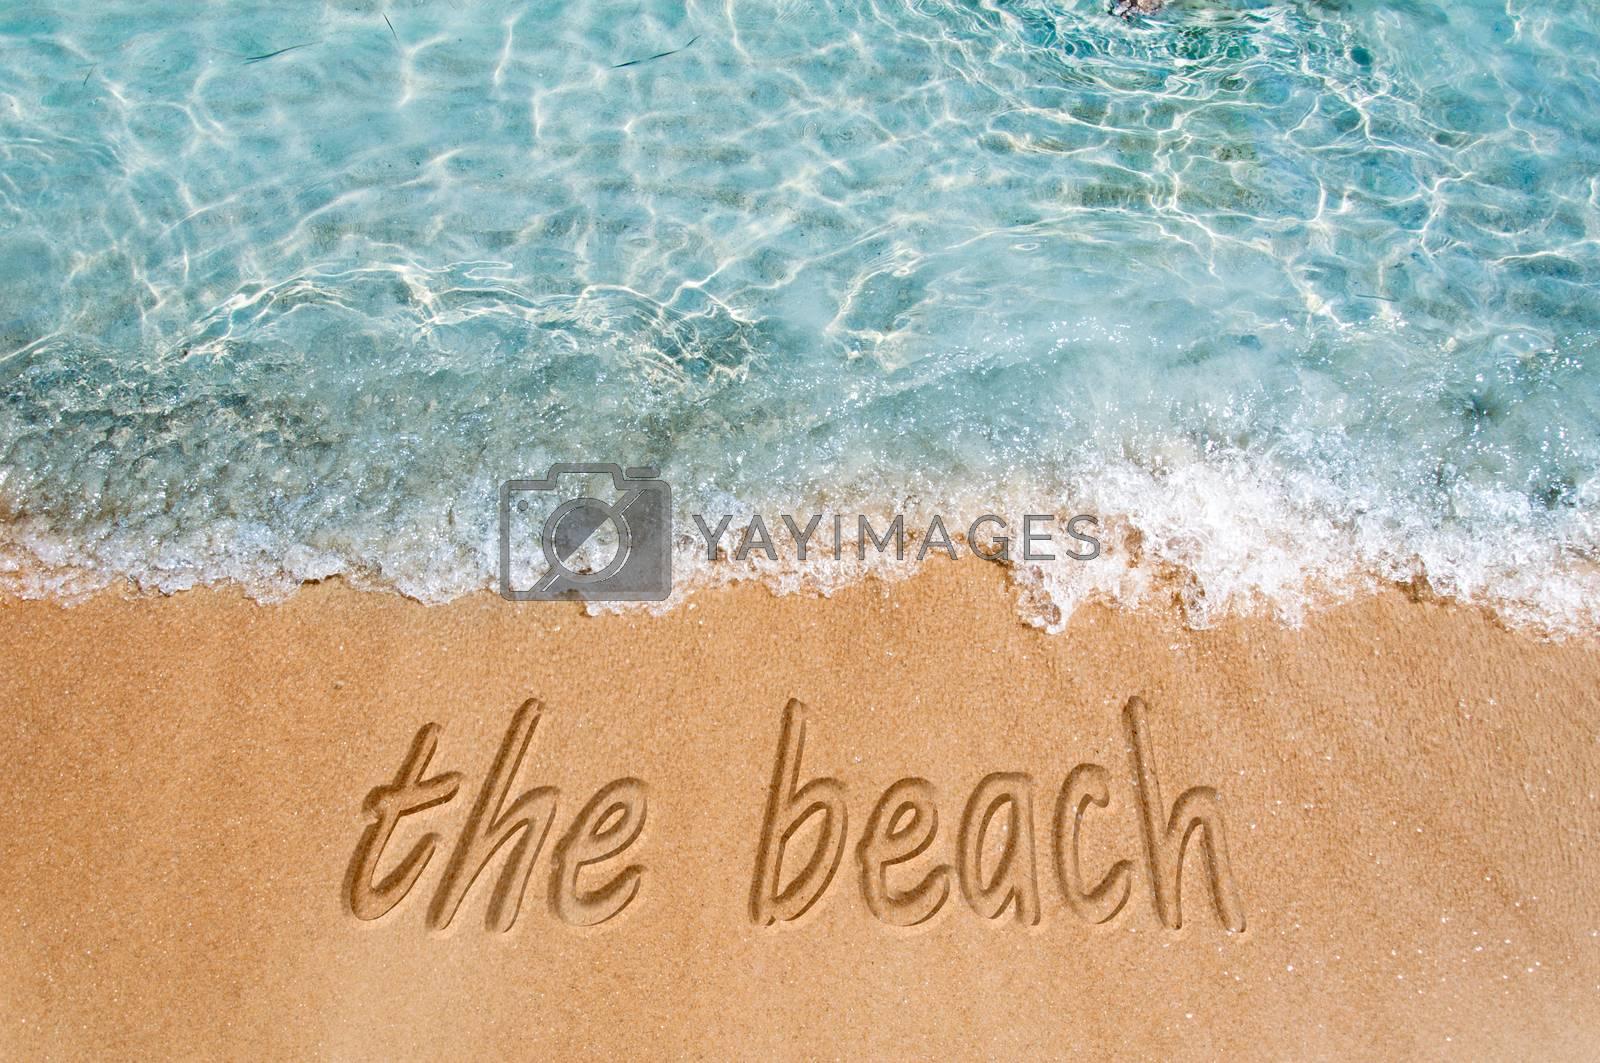 The beach sign on the beach sand